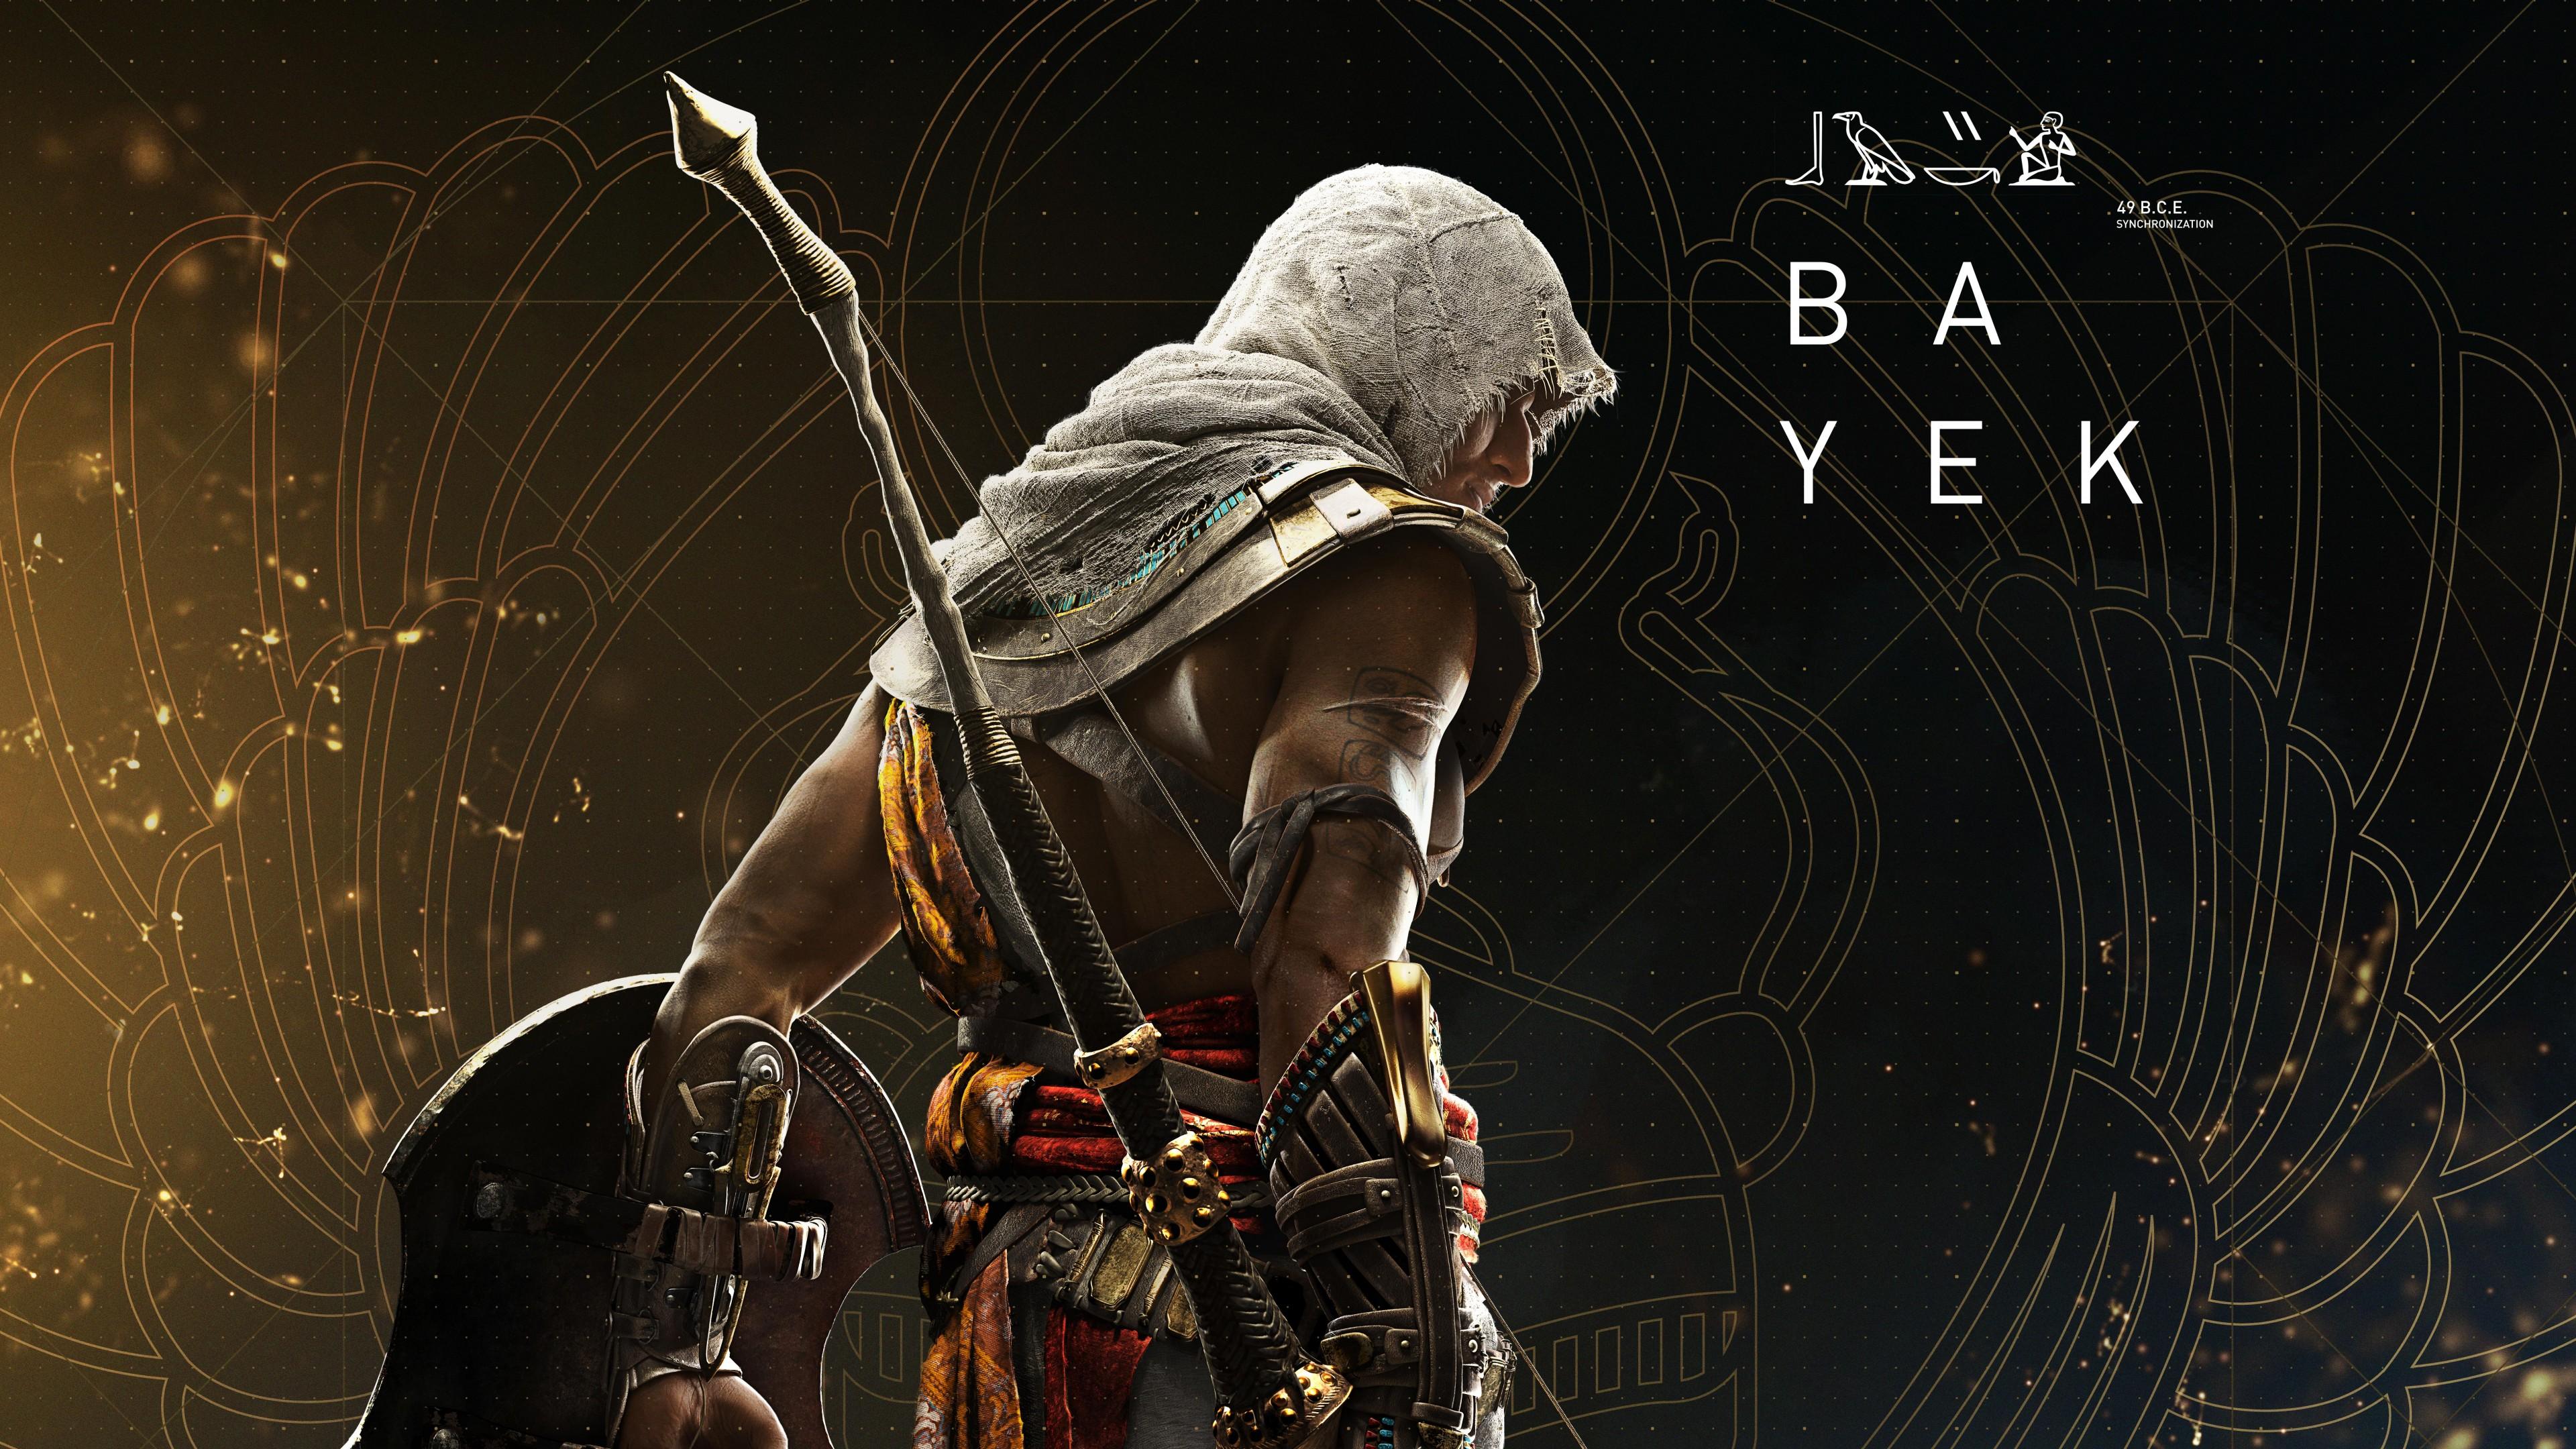 Воин в шлеме,доспехах и оружием идет навстречу приключениям